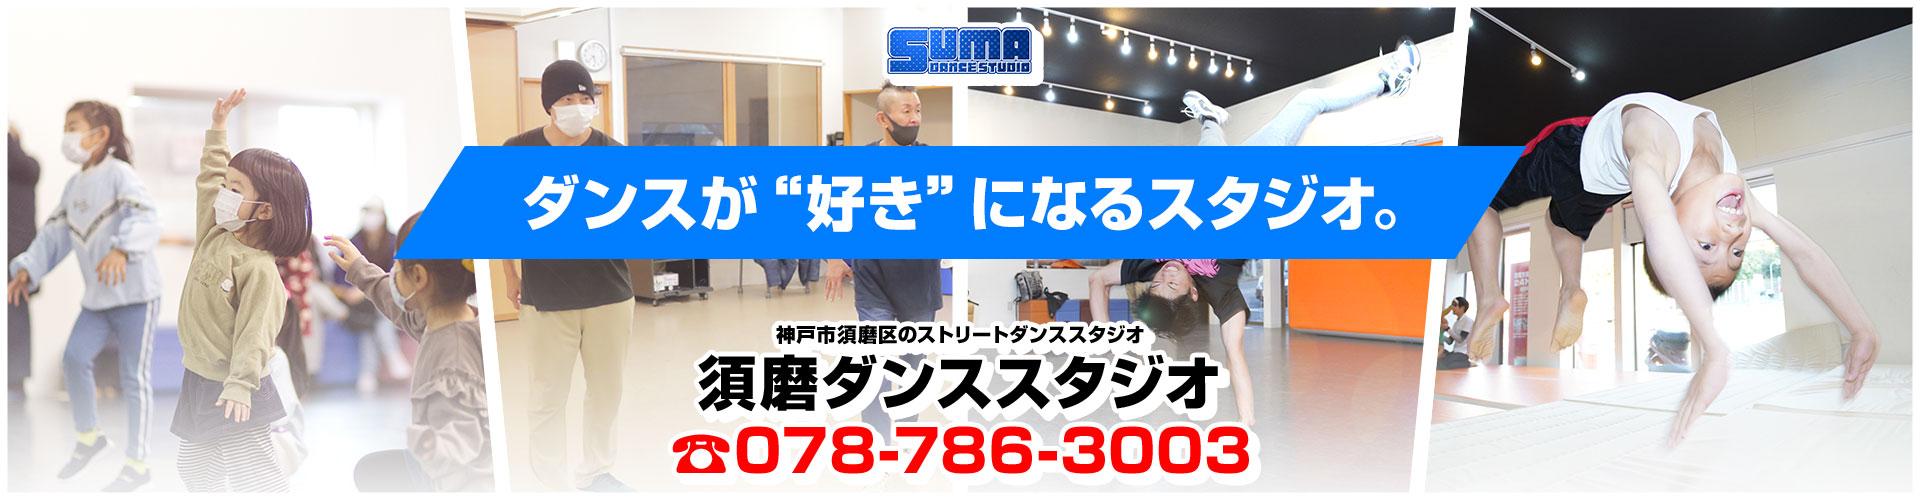 須磨ダンススタジオ